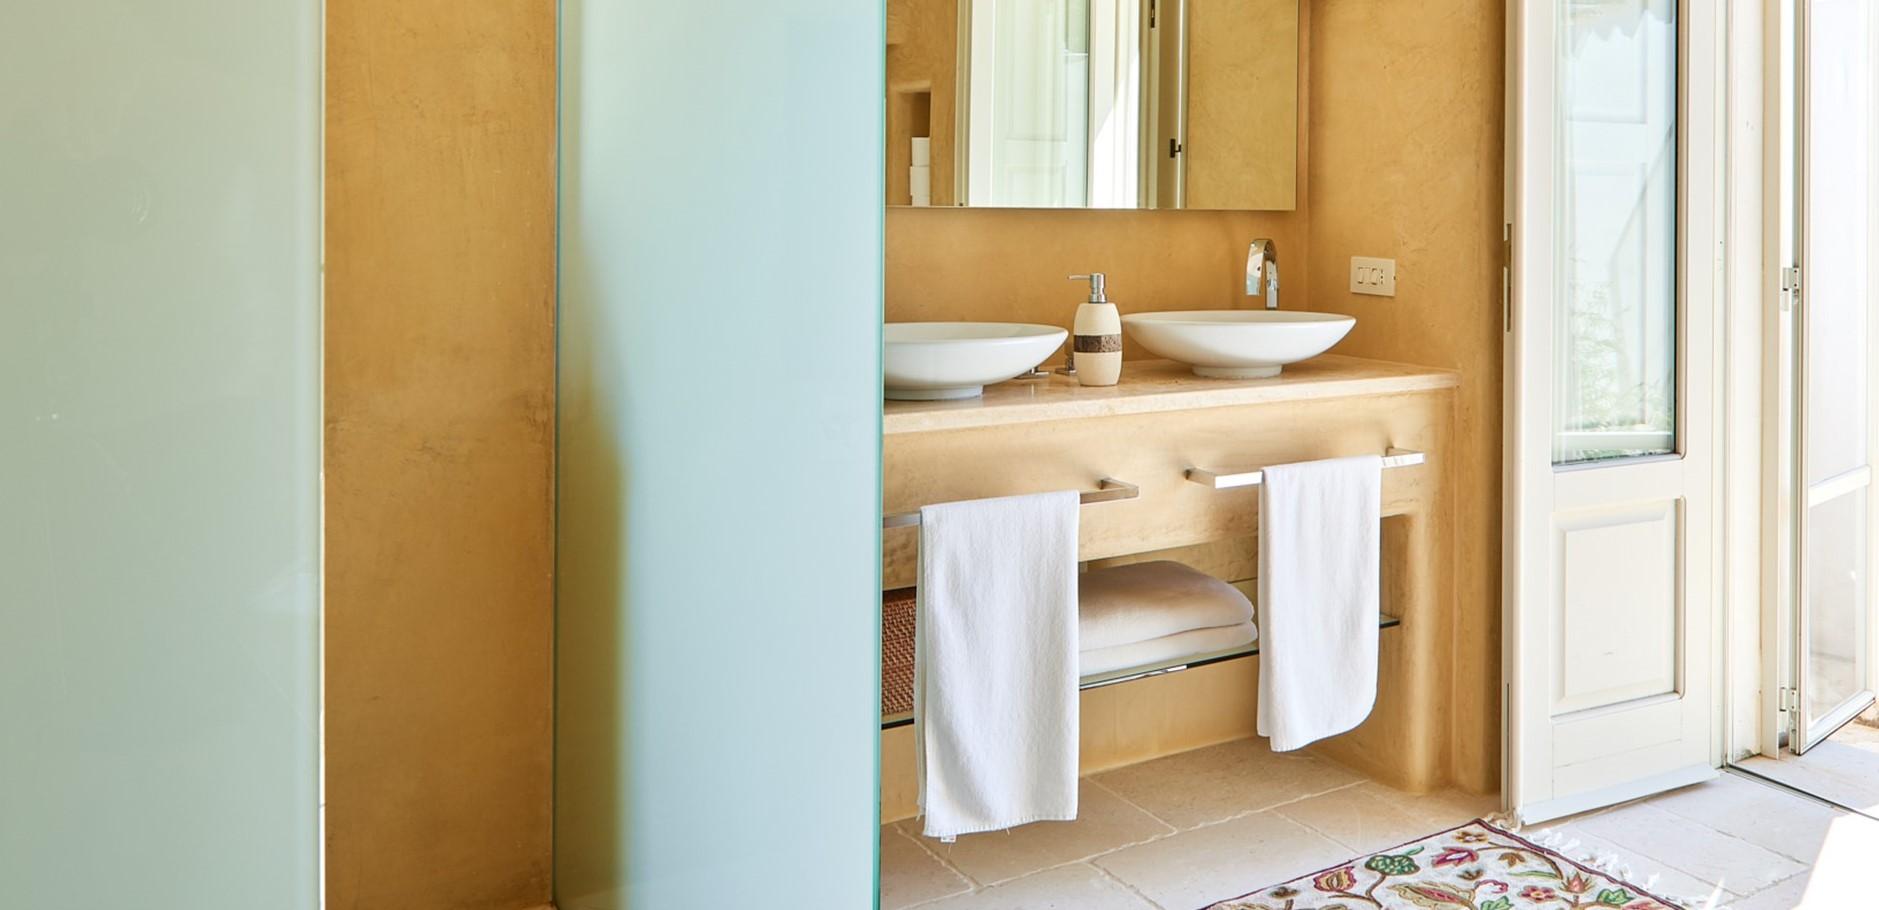 master-bedroom-1-en-suite-shower-room